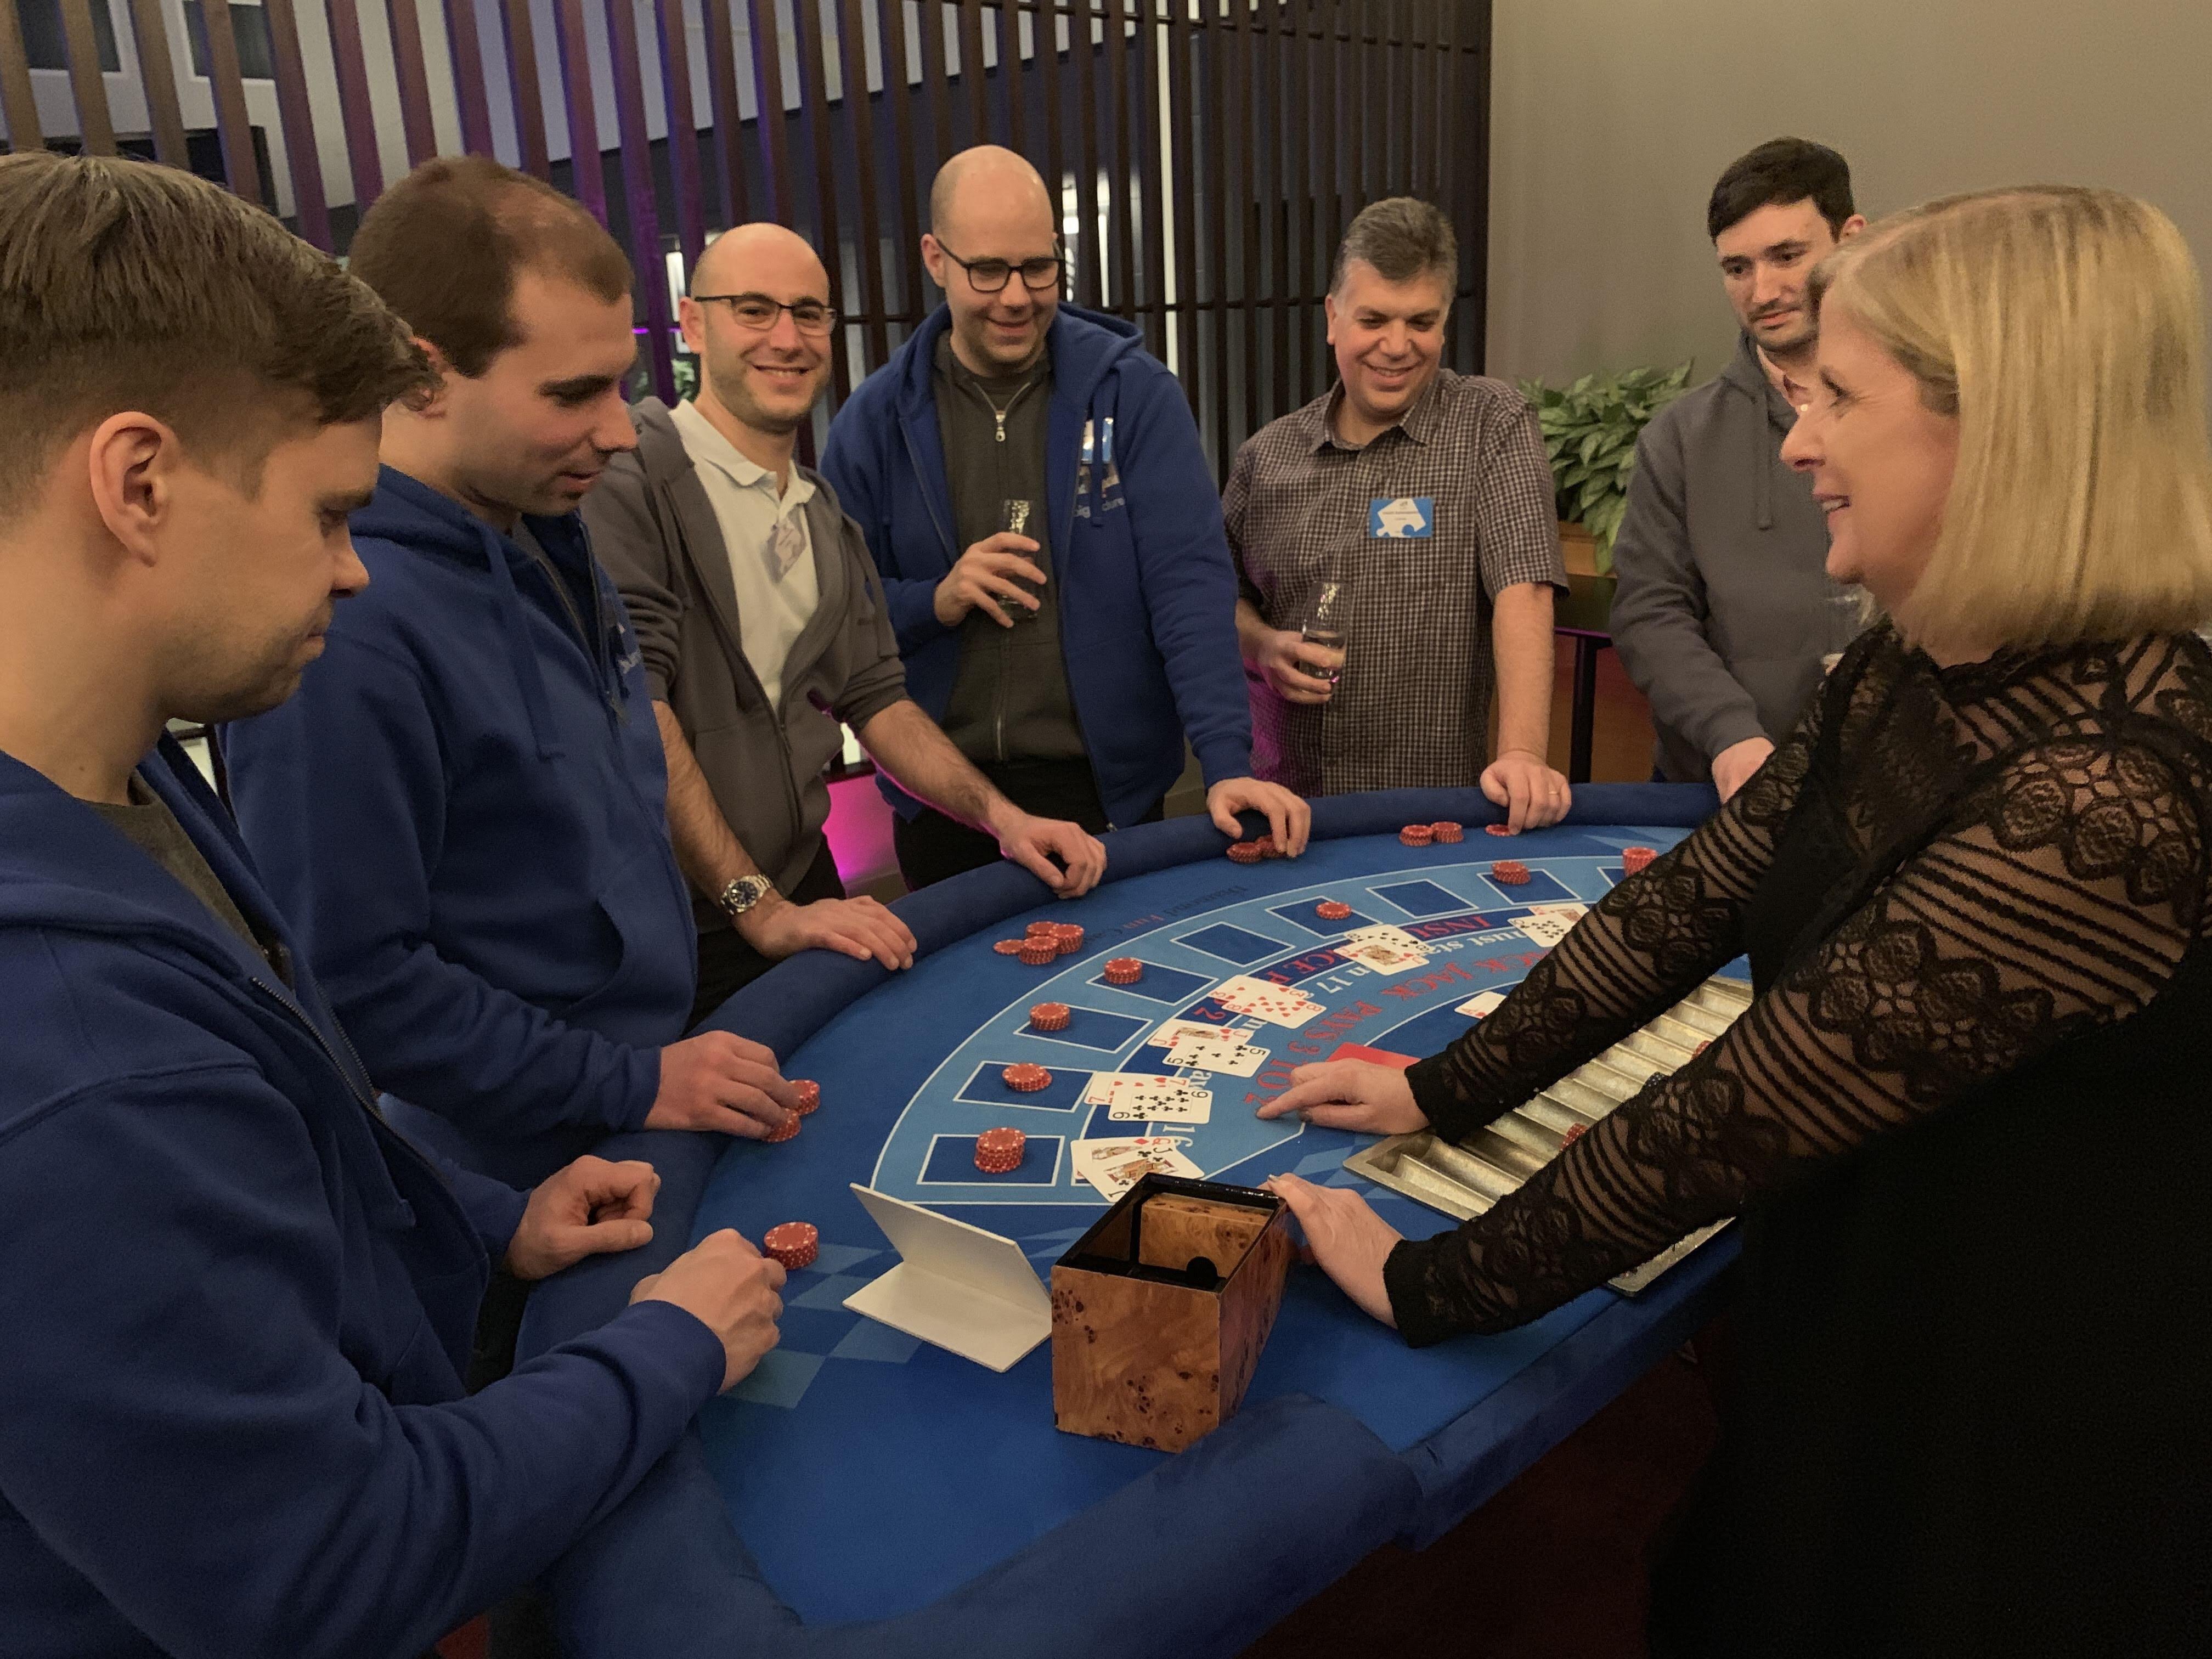 fun casino professionals